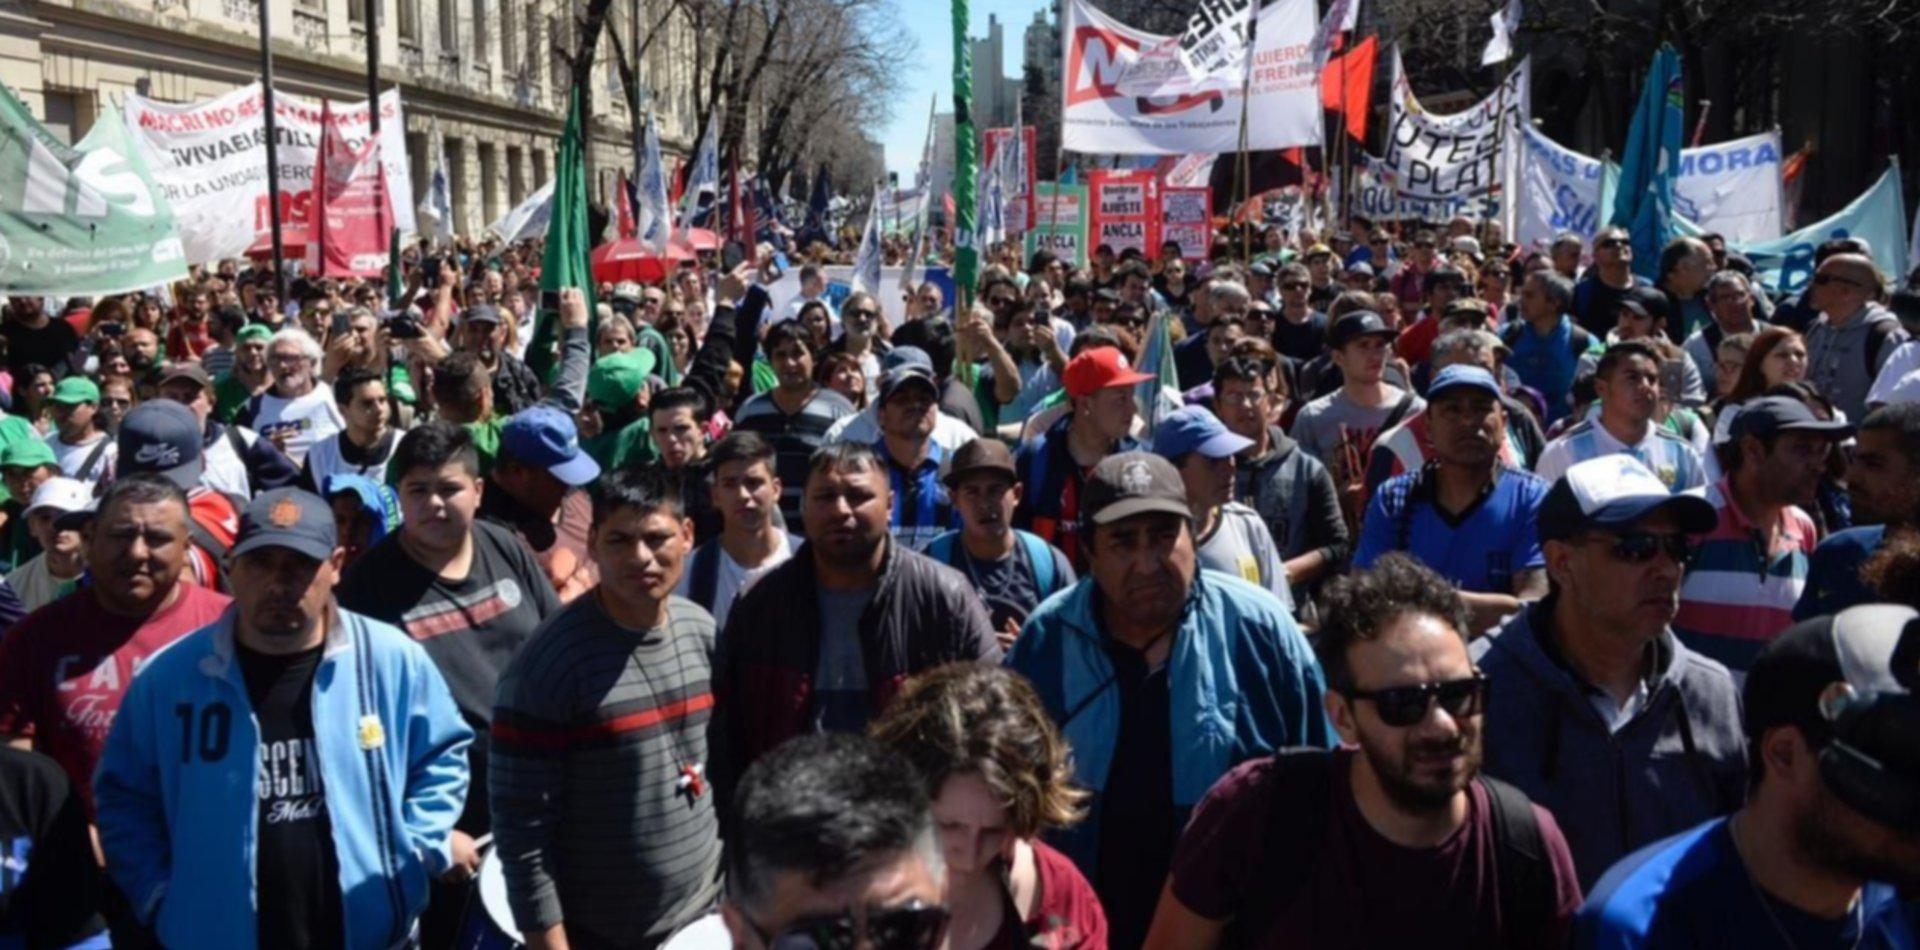 Ciudad movilizada: docentes, estatales, médicos y judiciales marchan por el centro de La Plata